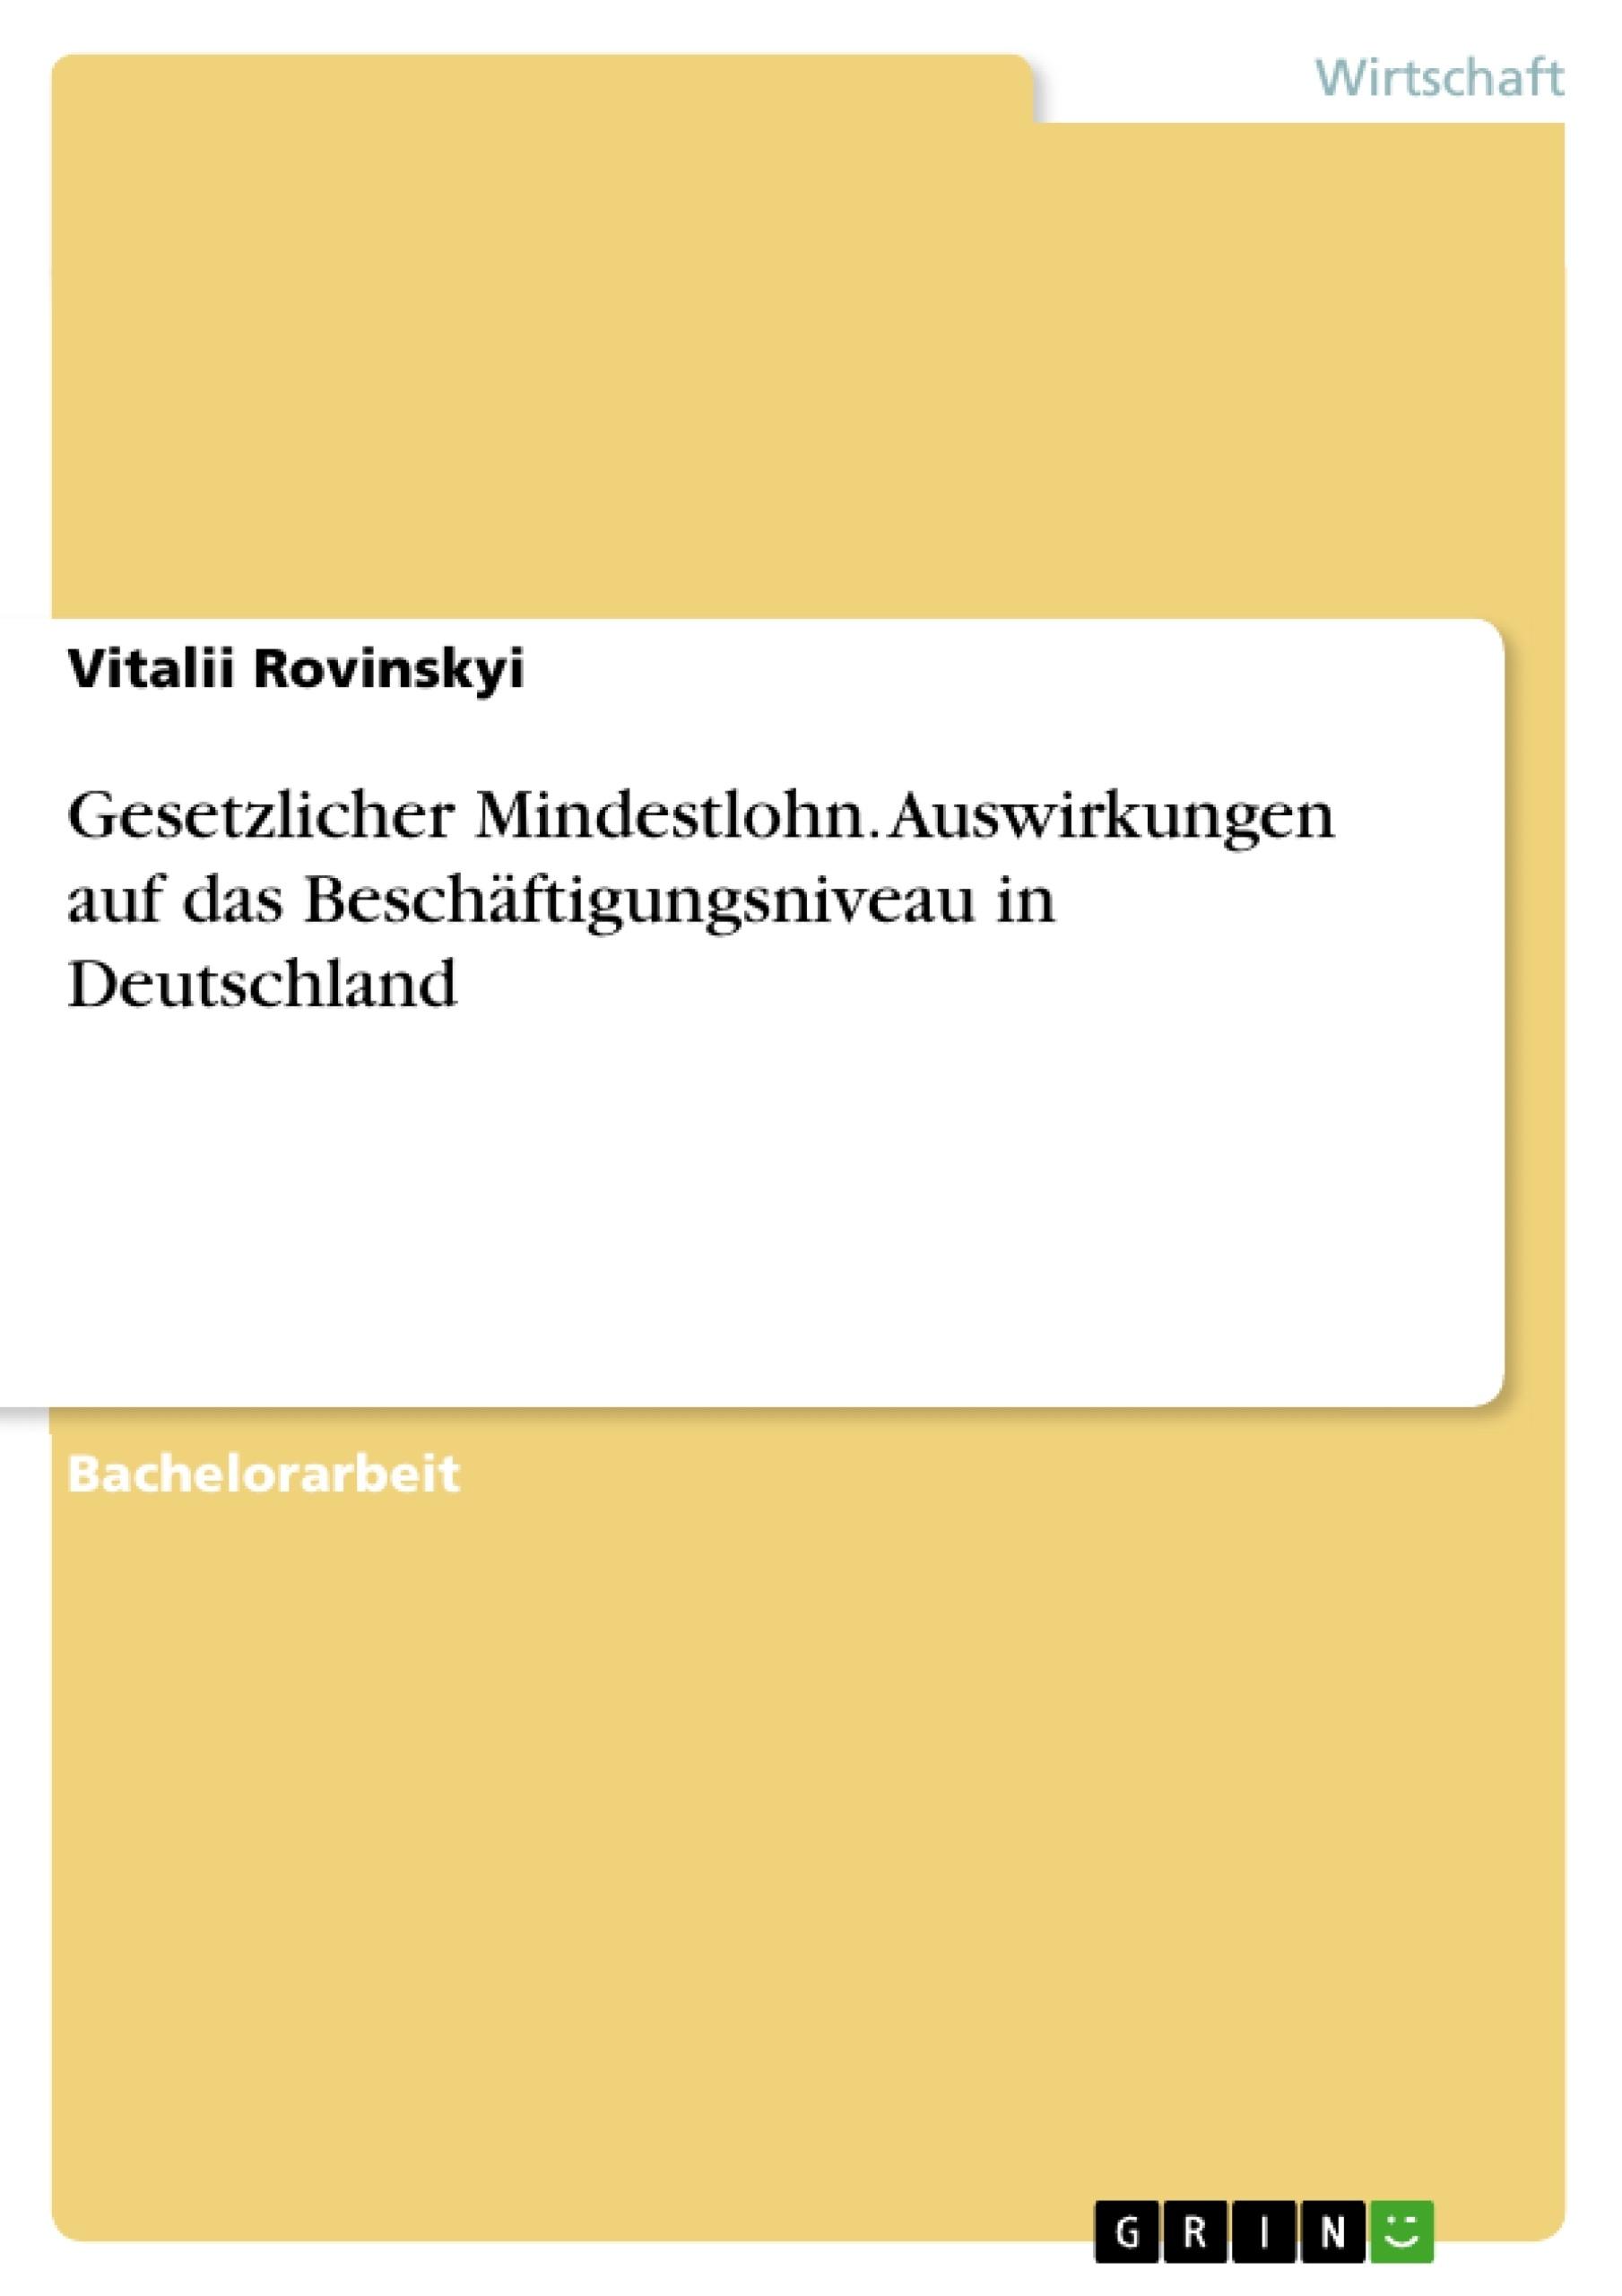 Titel: Gesetzlicher Mindestlohn. Auswirkungen auf das Beschäftigungsniveau in Deutschland